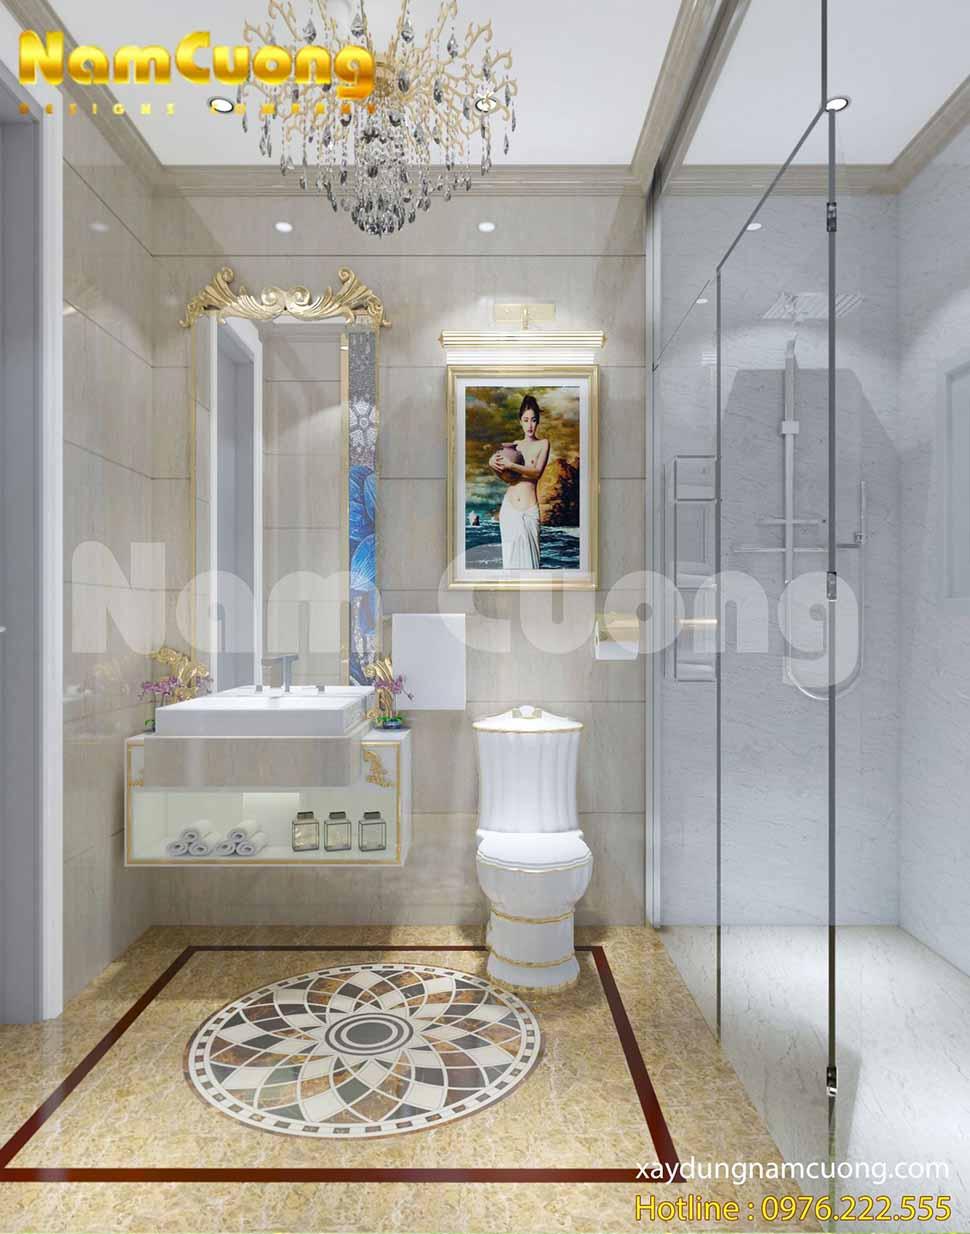 Nội thất phòng vệ sinh sử dụng đá hoa cương màu tối, được thiết kế gọn gàng và đầy đủ công năng.